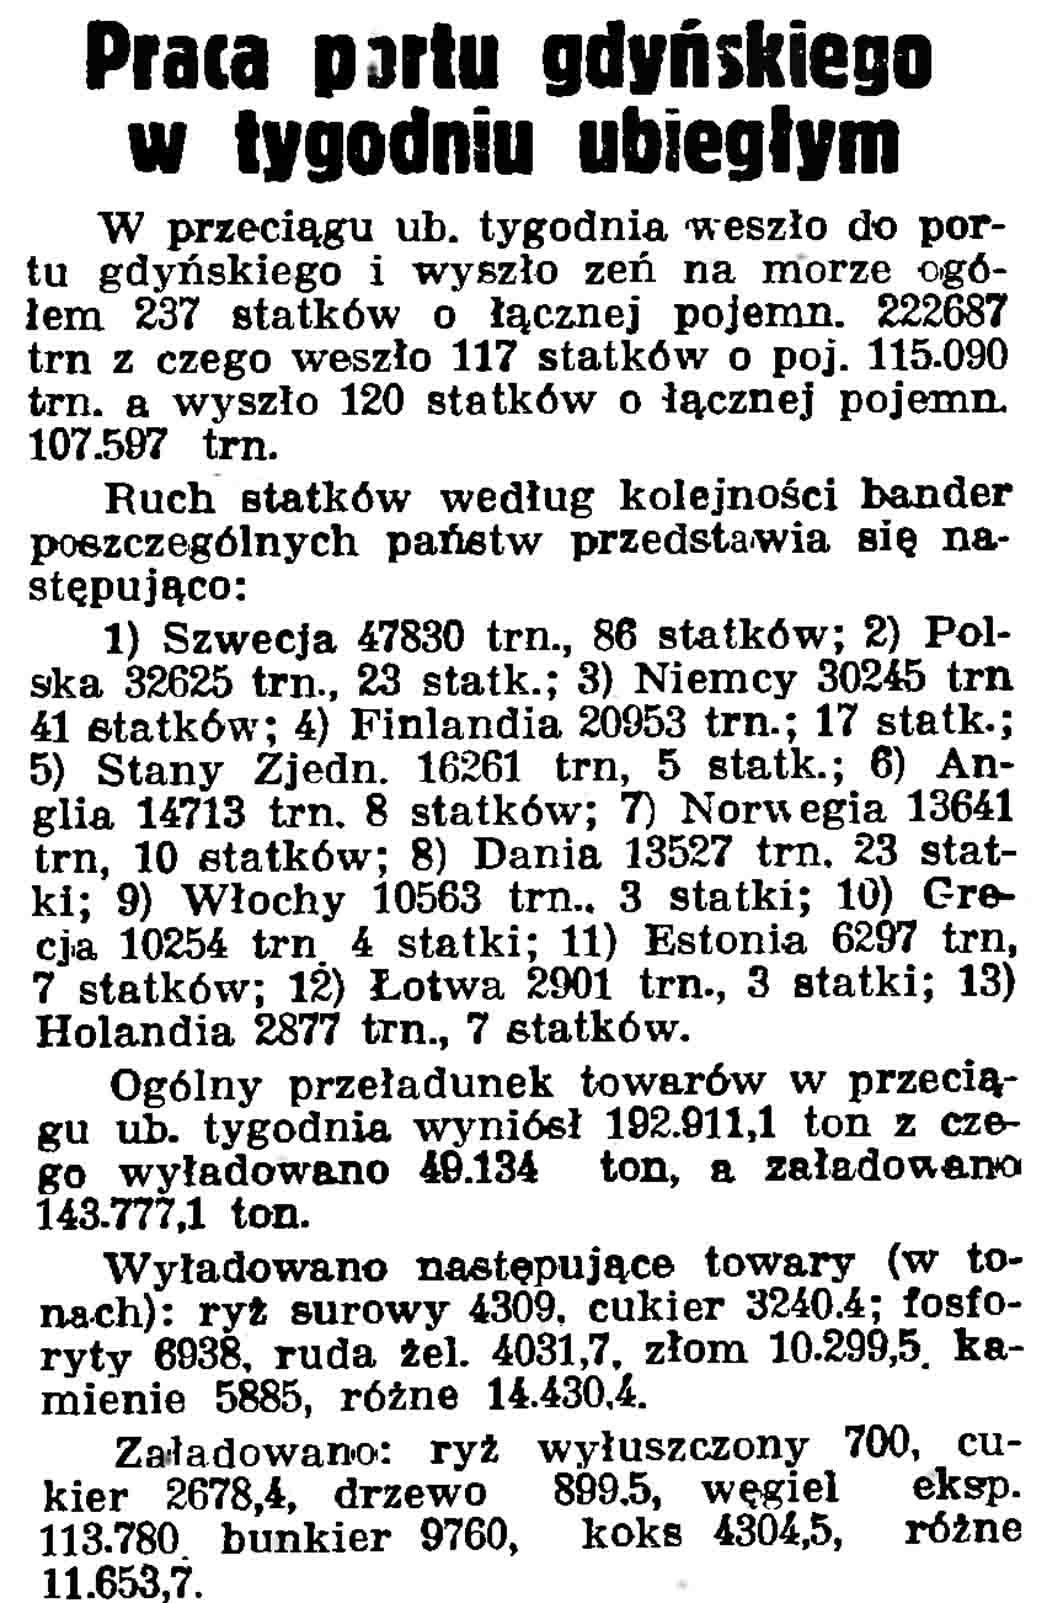 Praca portu gdyńskiego w tygodniu ubiegłym // Gazeta Gdańska. - 1937. - 100, s. 9